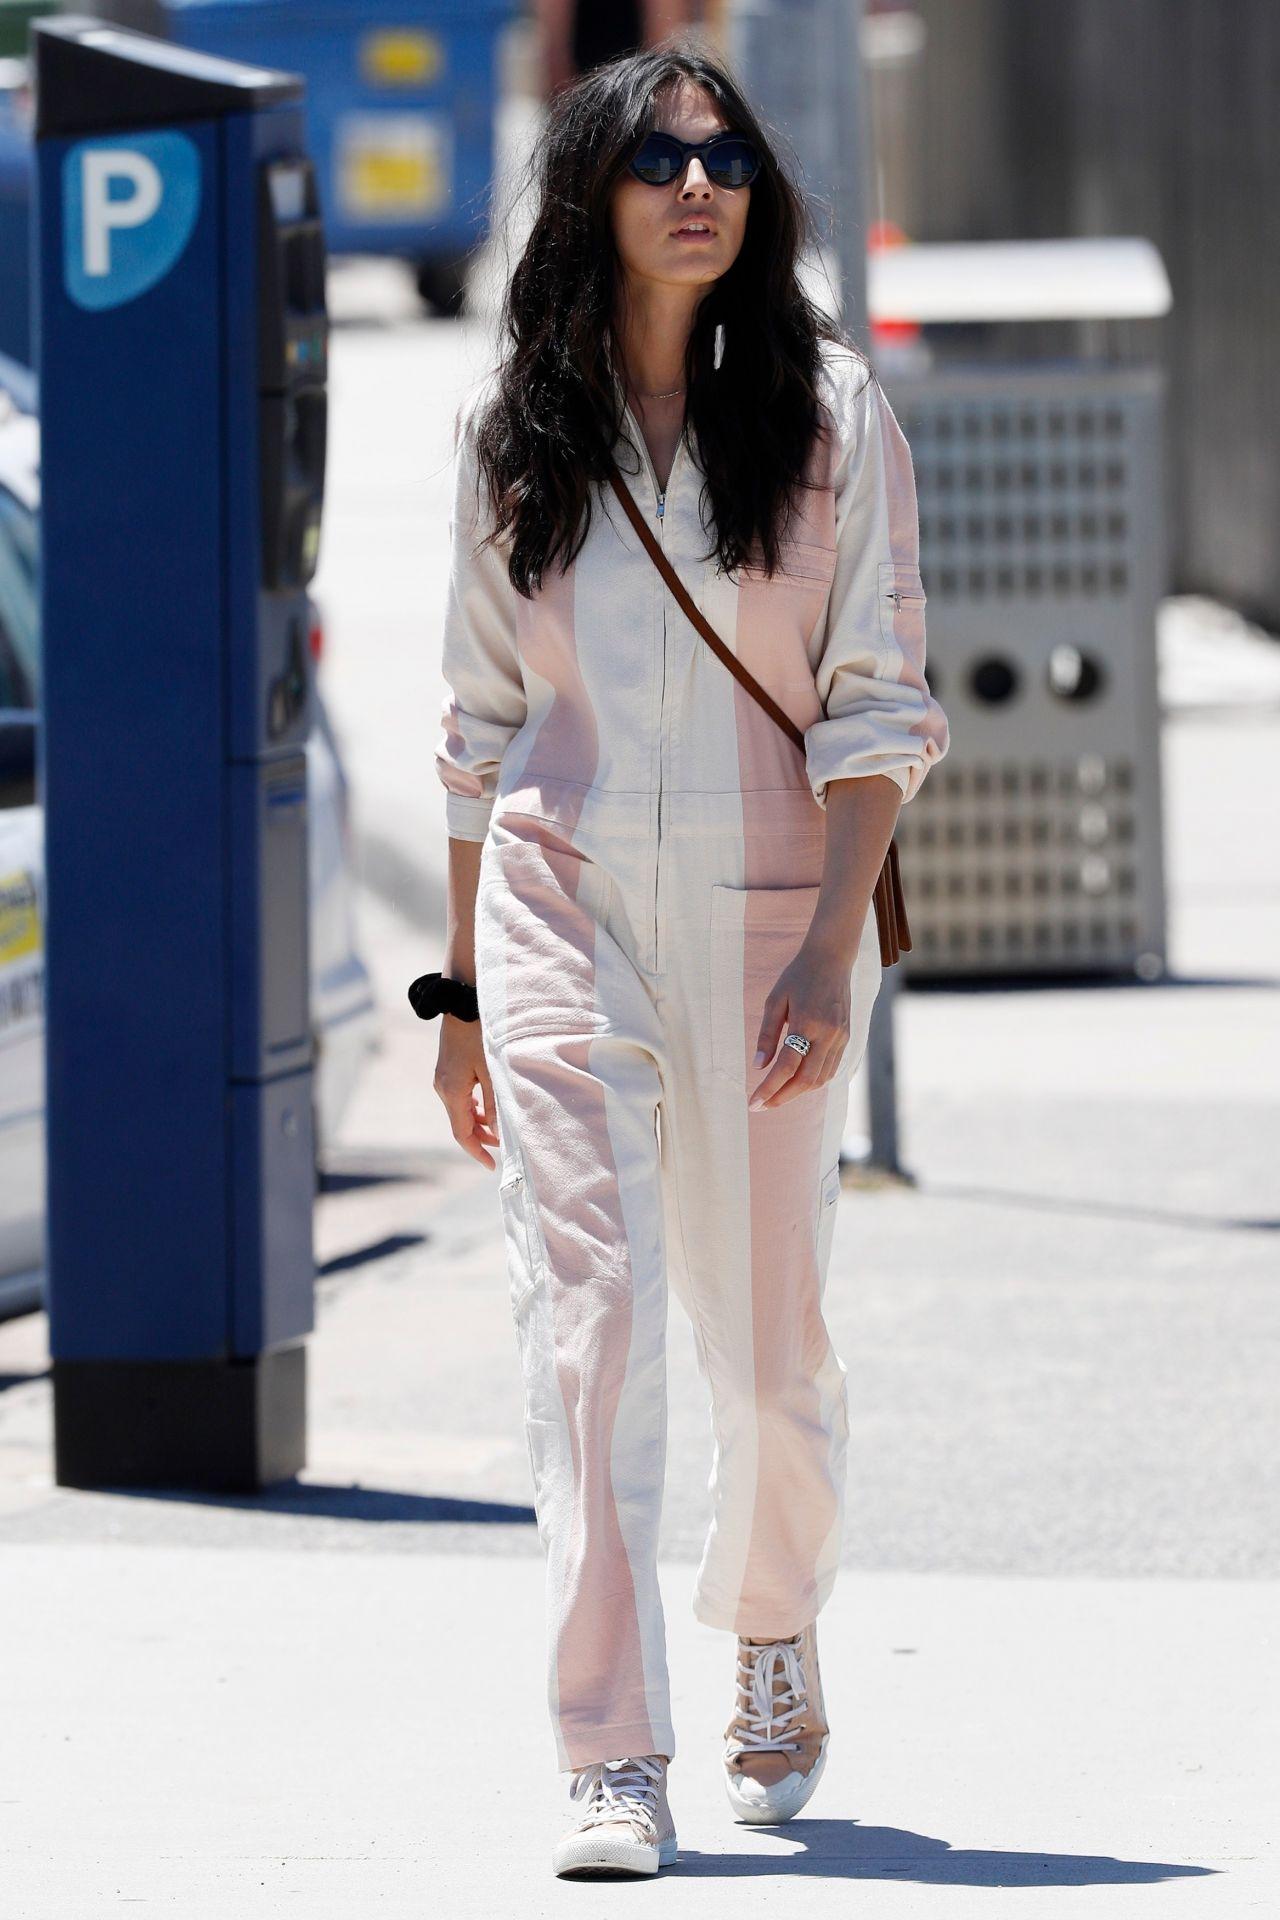 Jessica Gomes - YSL Fashion in Bondi, Sydney